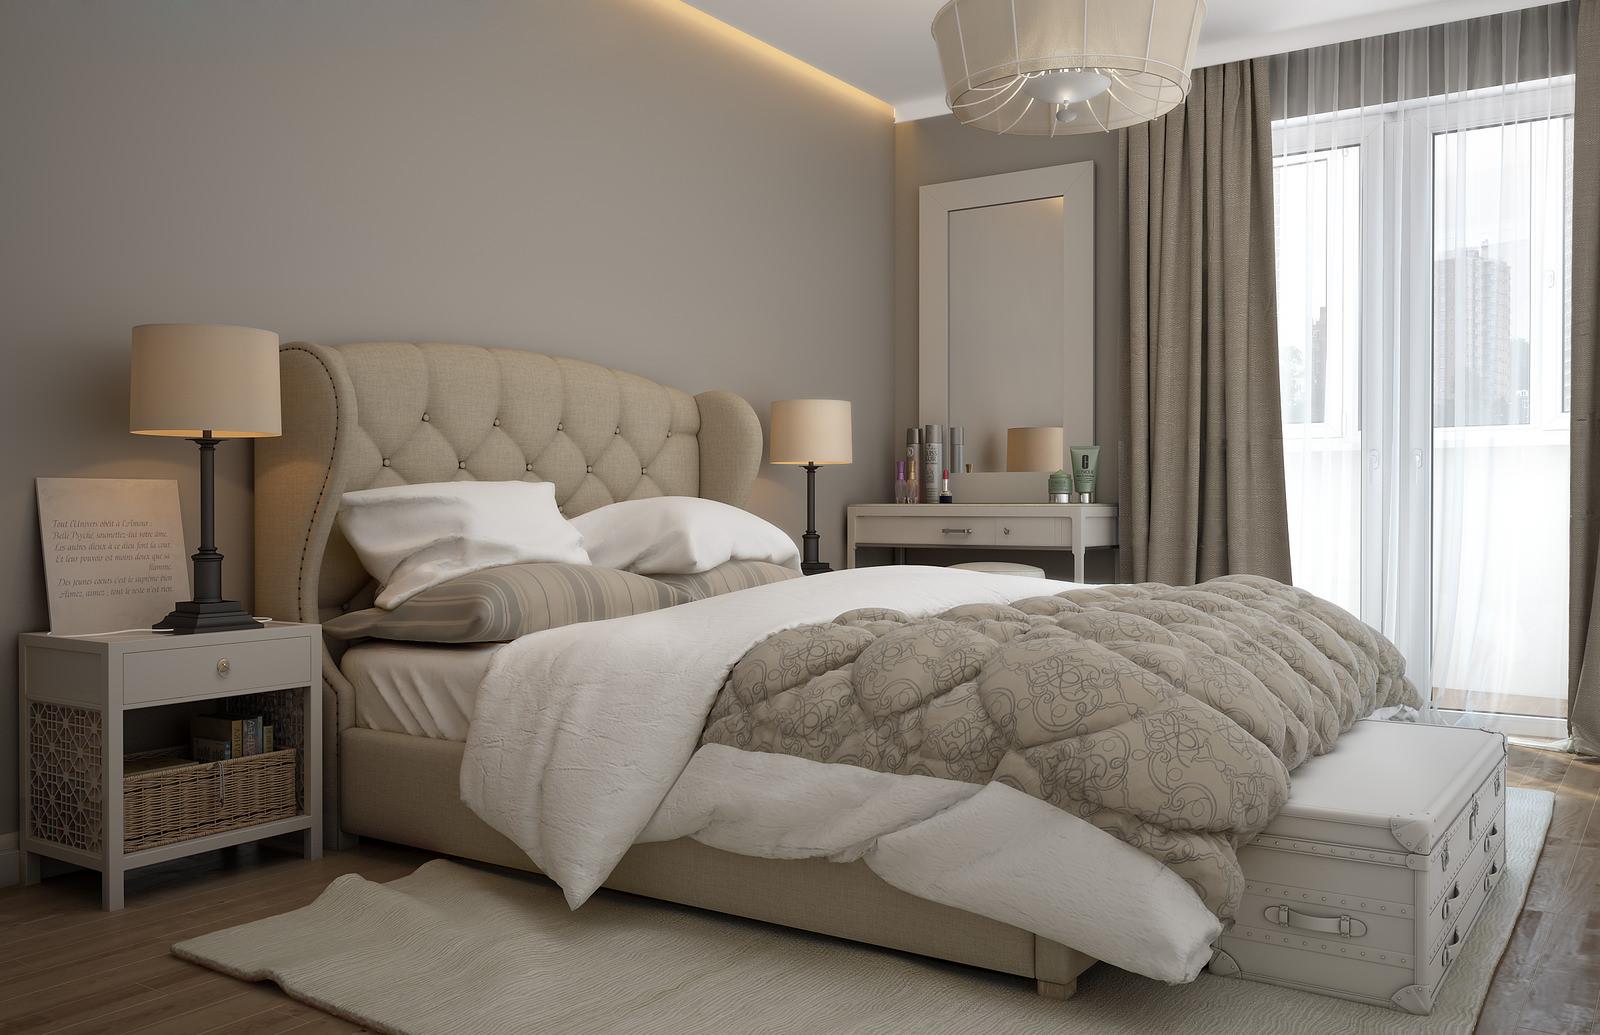 Бежевая кровать и тумбы в спальне